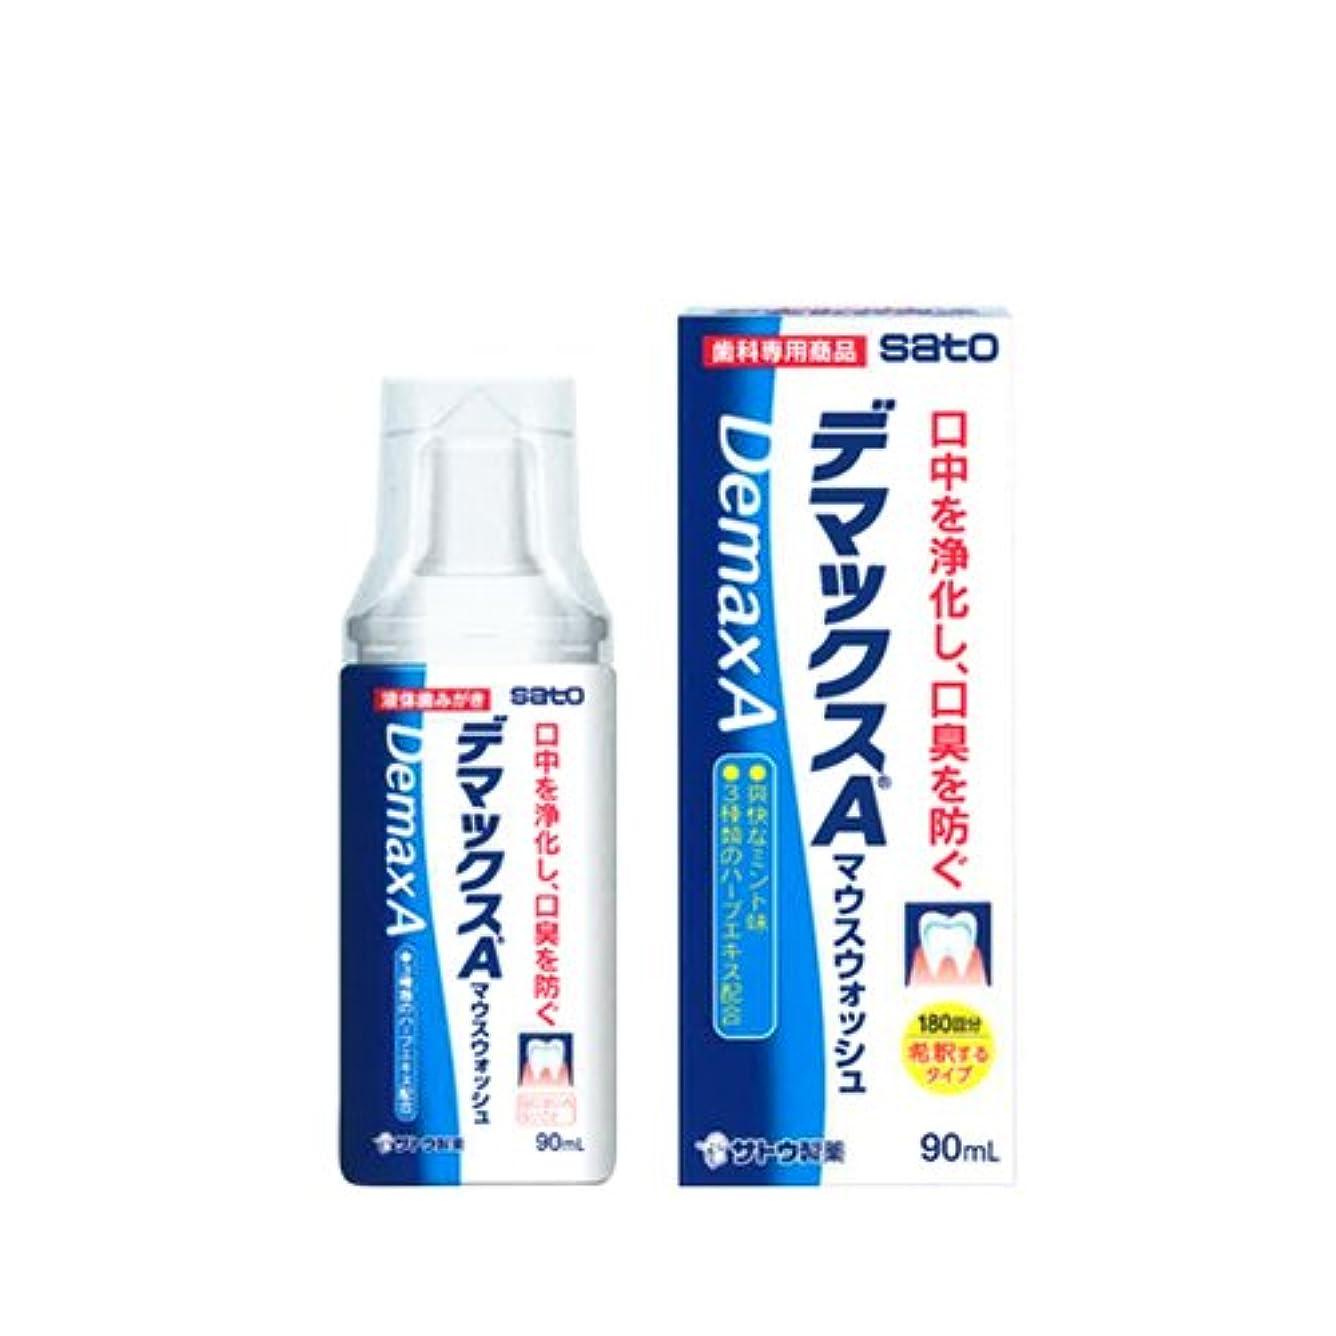 インキュバスお勧めセール佐藤製薬 デマックスA マウスウォッシュ 90ml(180回分) × 1本